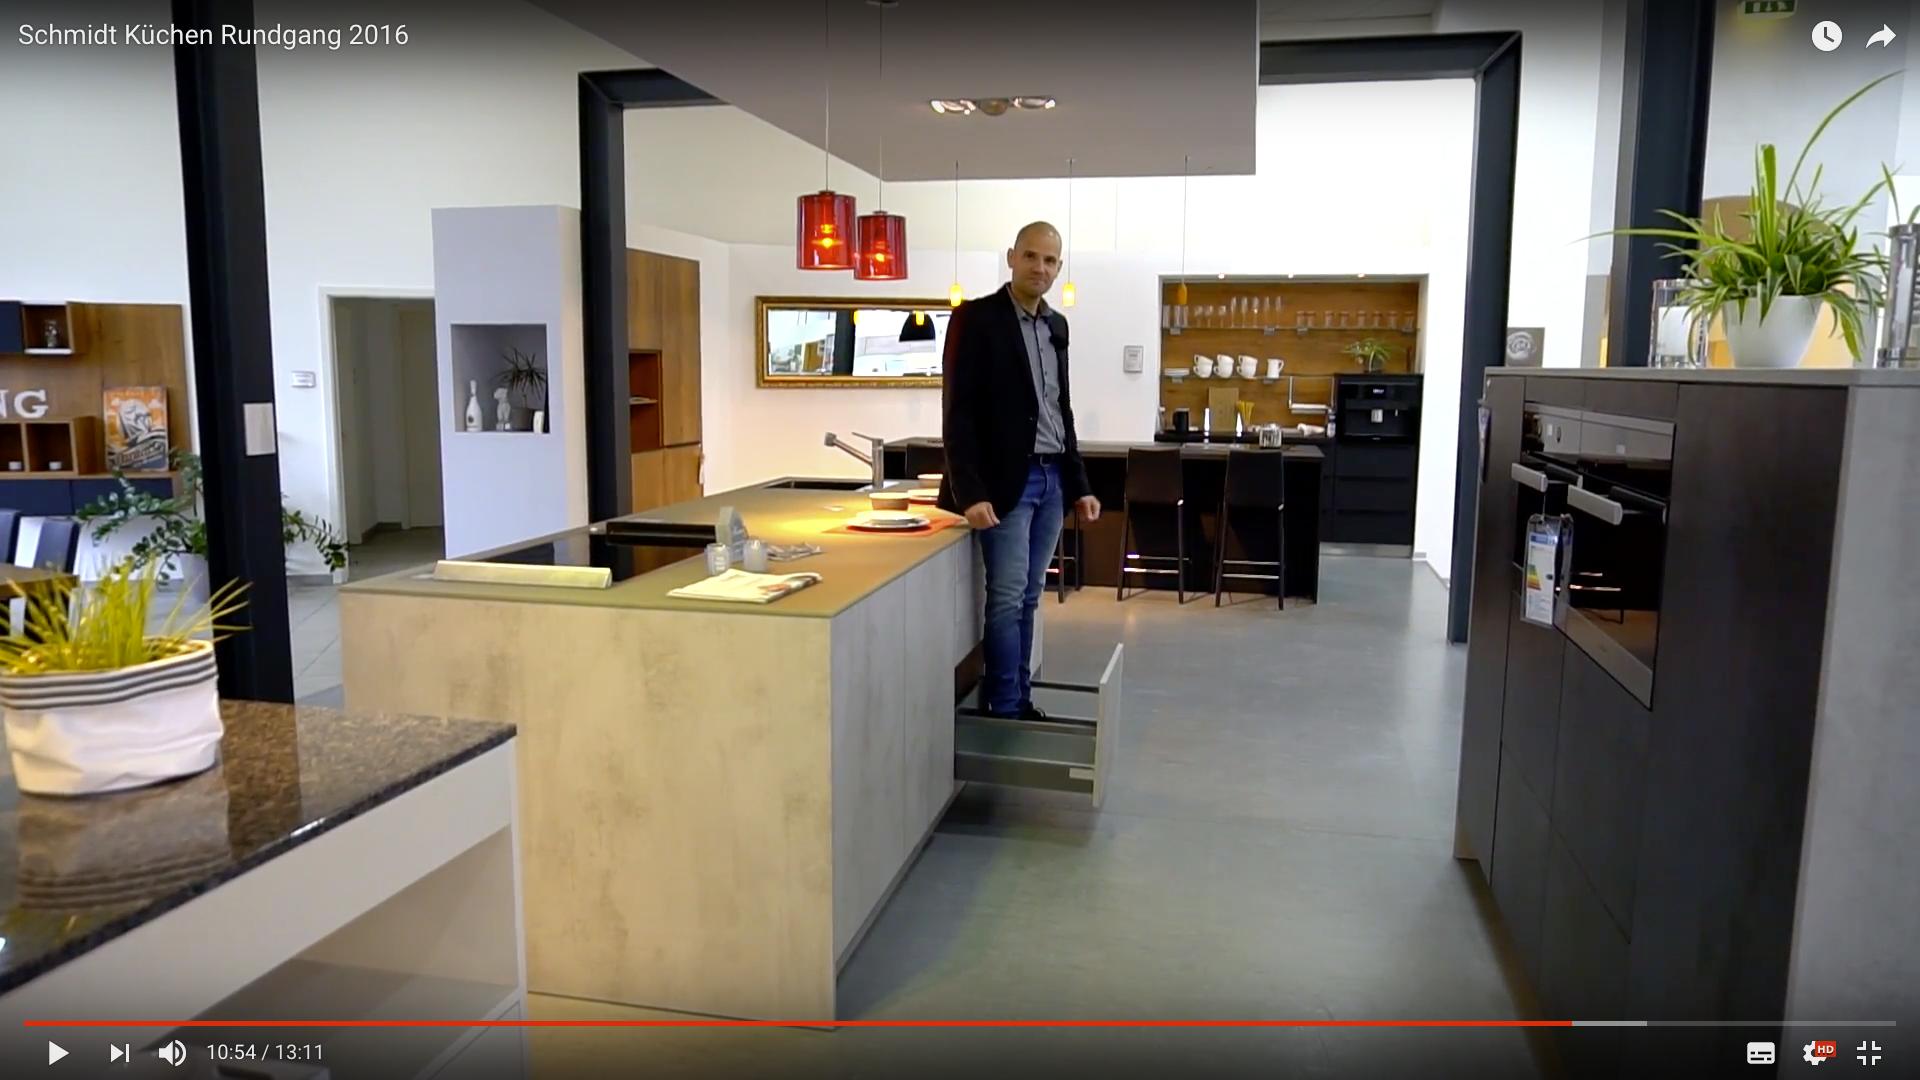 Schmidt Küchen Ensdorf Rundgang – Die Nummer 15 für Facebook